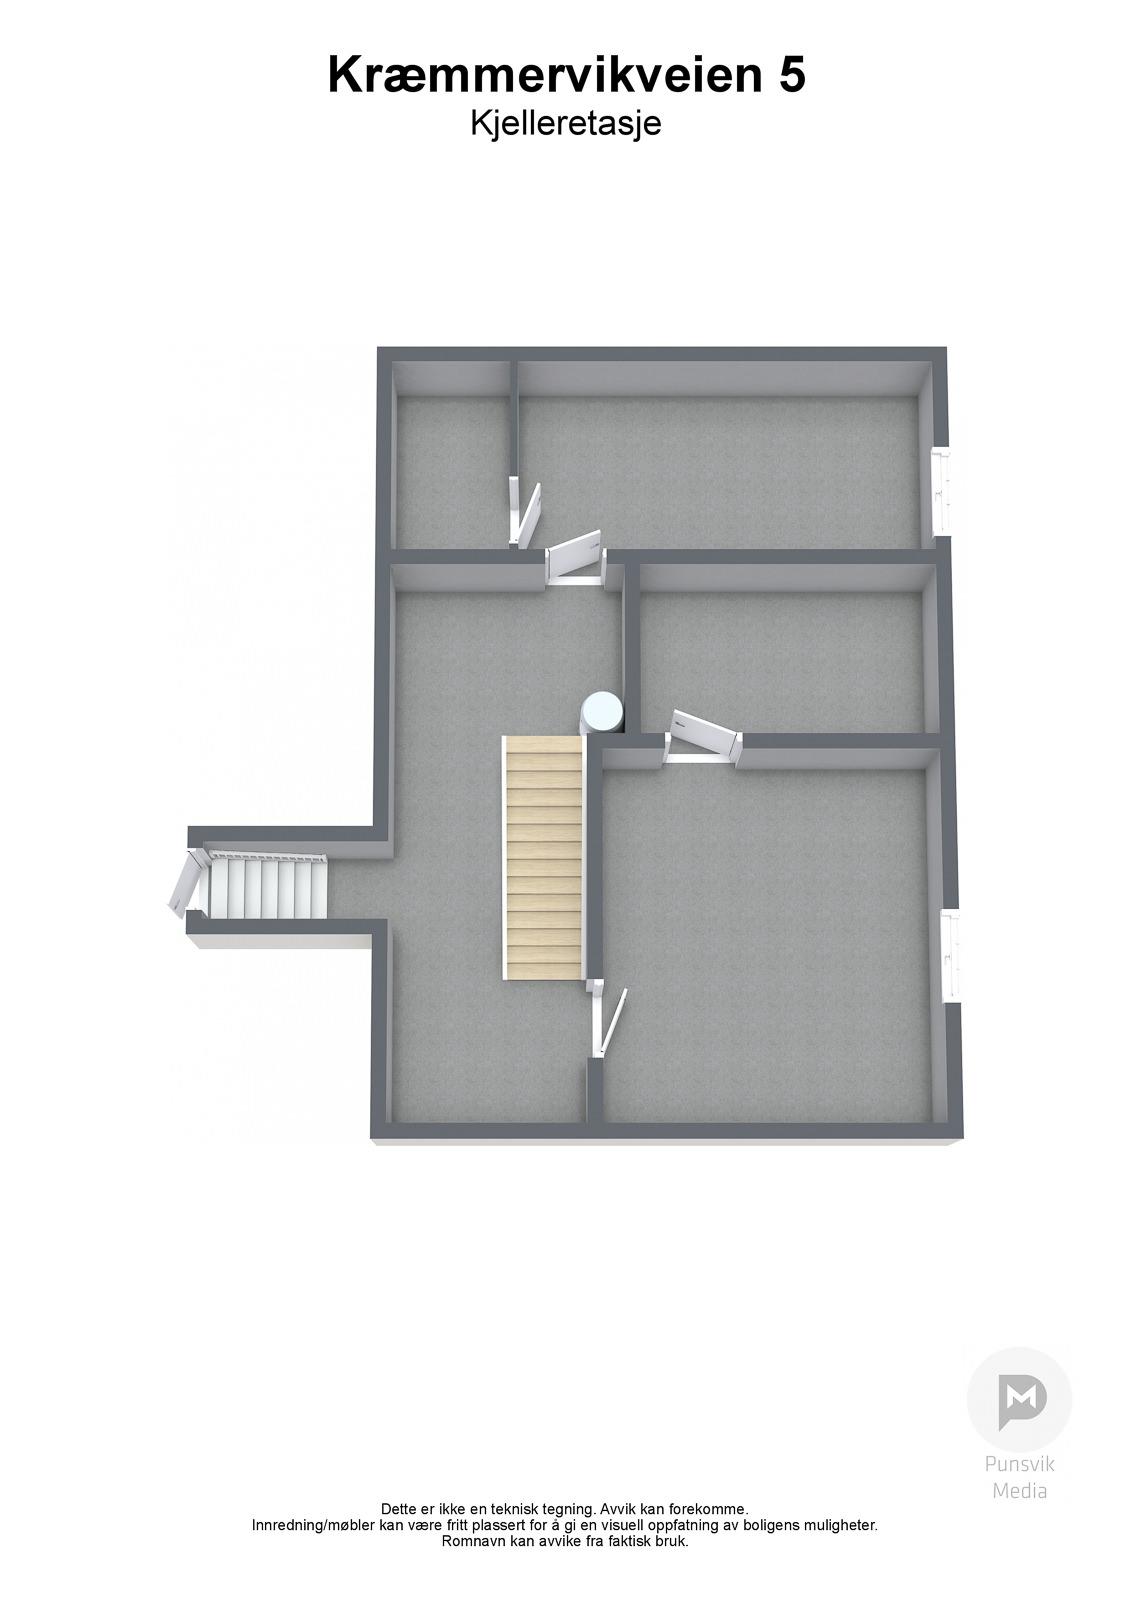 _Kræmmervikveien 5 - Kjelleretasje - 3D.jpg